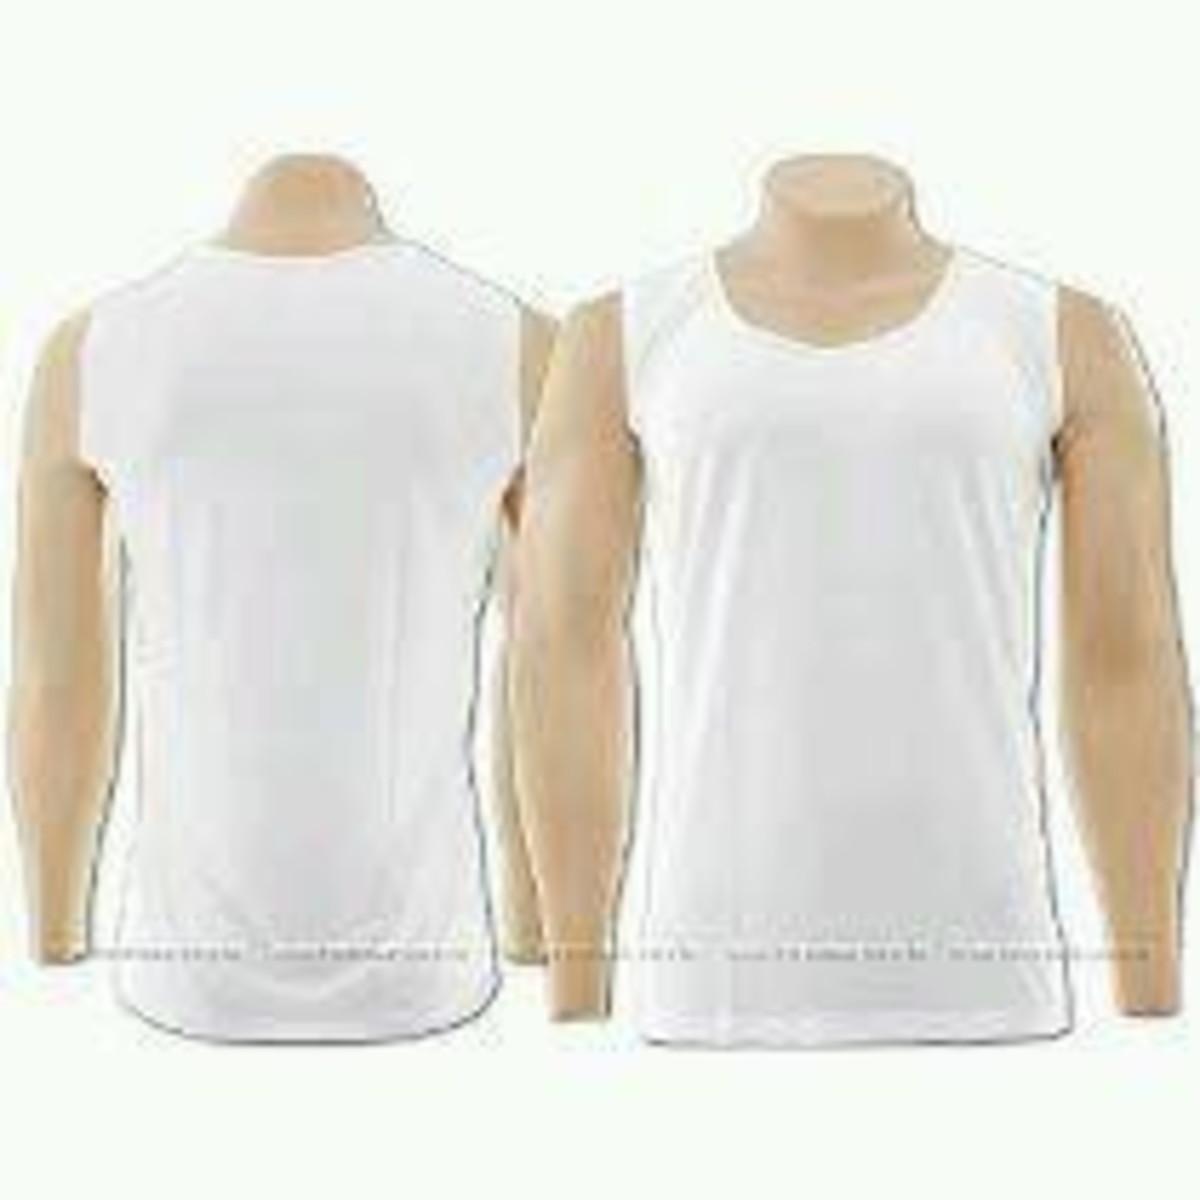 Camisa regata machão branca tradicional no Elo7  124aa7ff880